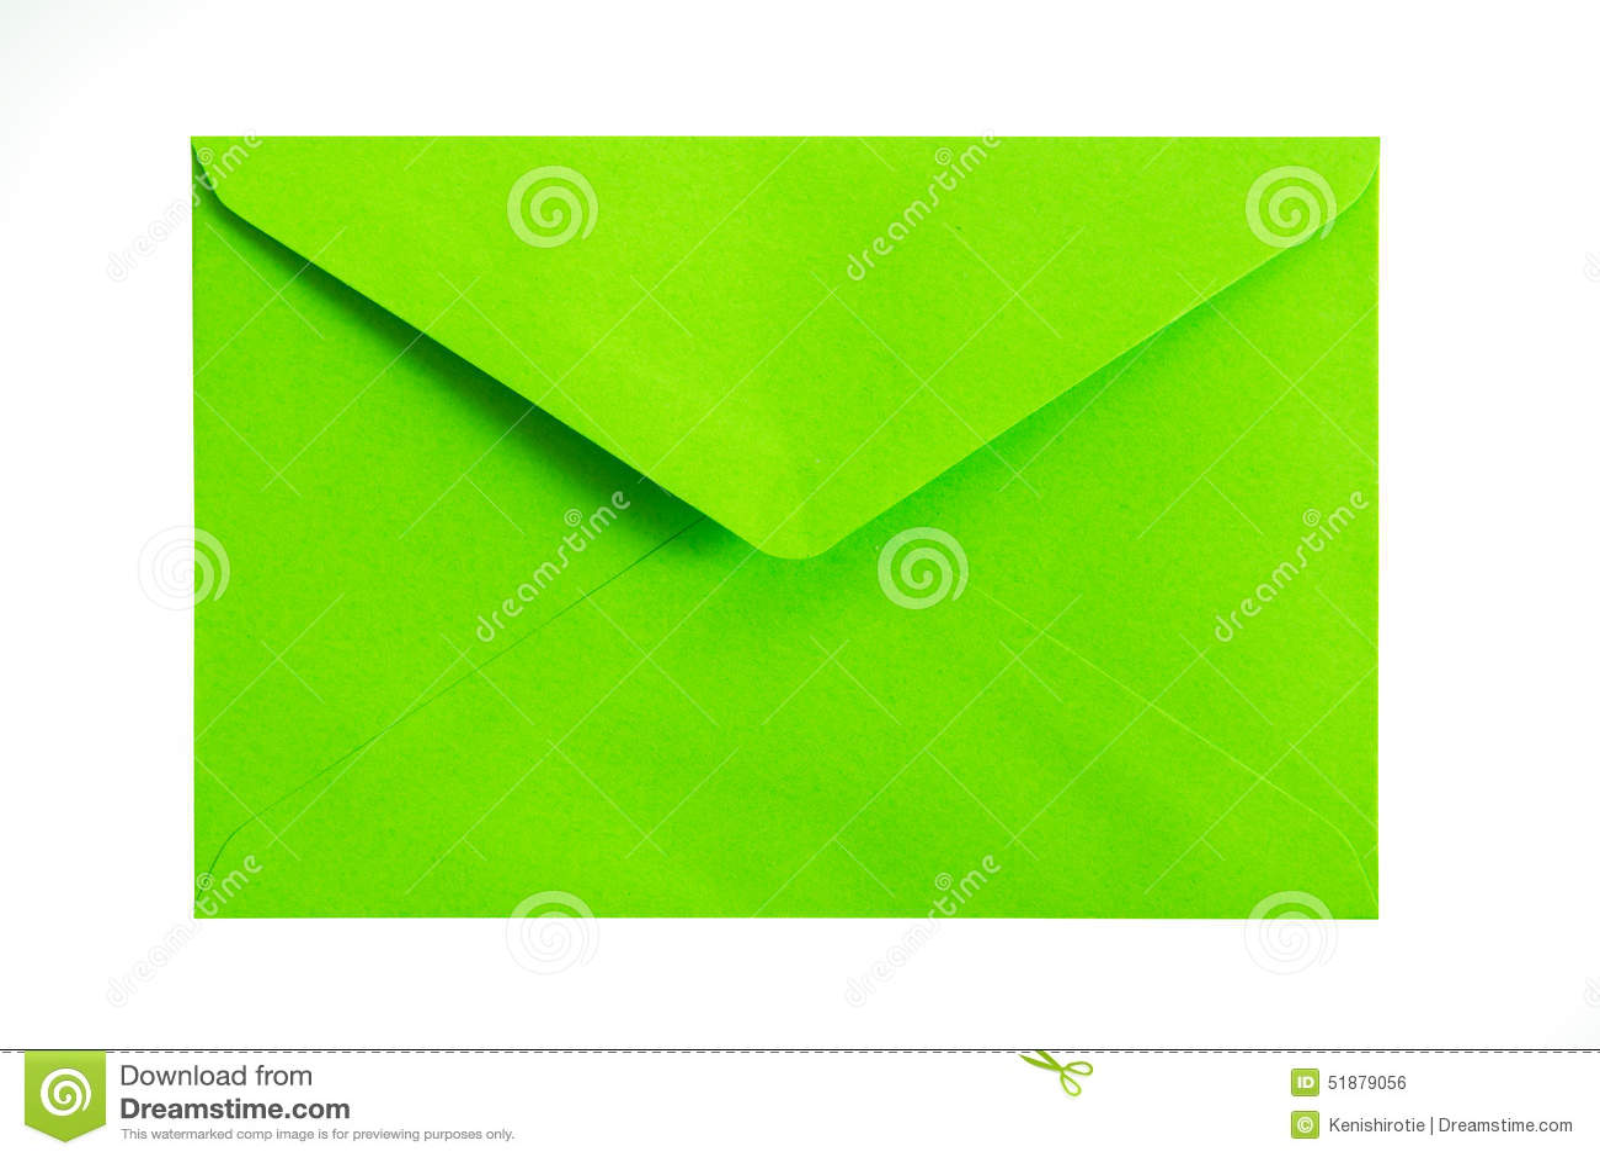 Leaf Mailer Download